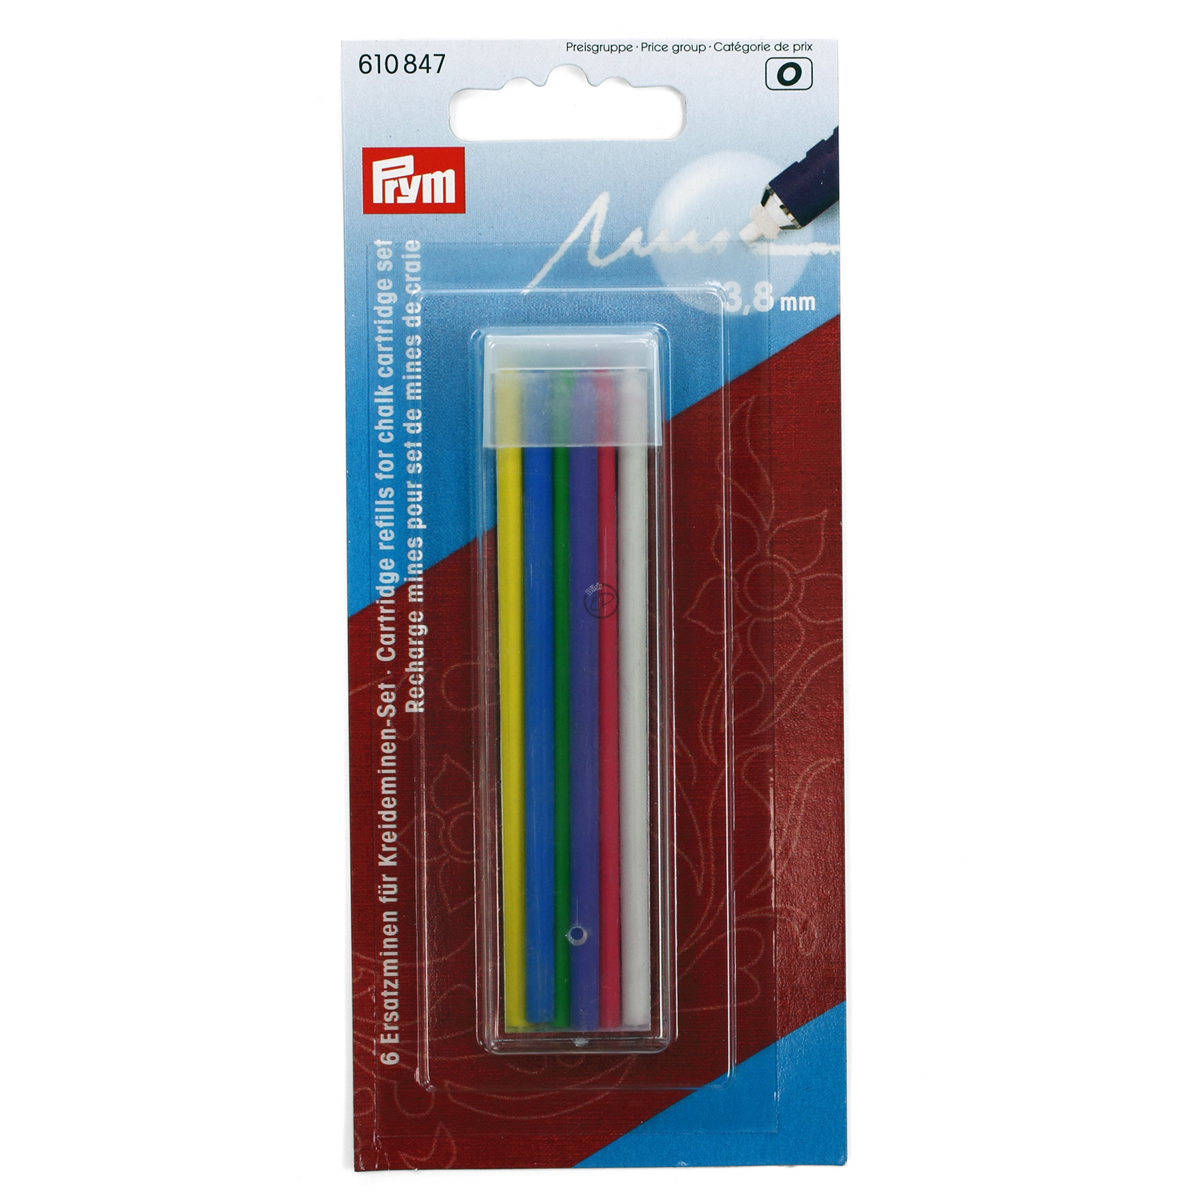 610847 Prym Запасные стержни для набора 610846 (6шт)Для измерения и маркировки<br><br>